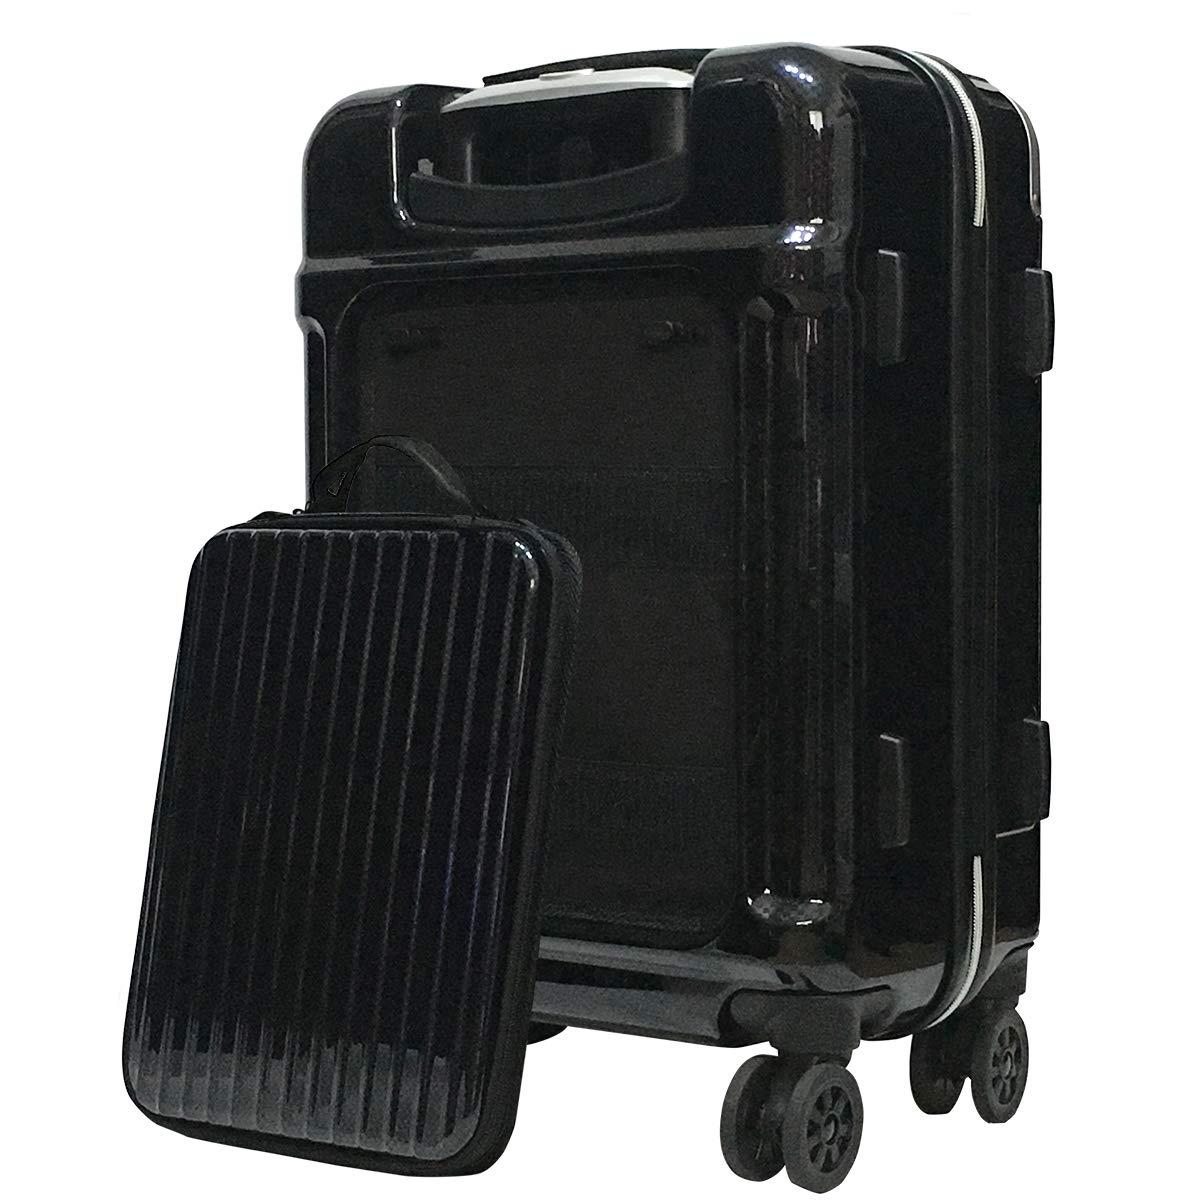 スーツケース 機内持込 バックポケット 取り外し可能 小型 LCC 国内線 静かな 抗菌 キャスター TSAロック ポリカボネート SiiiN+Wiz シーンプラスウィズ B07PFTWS7V カーボンネイビー